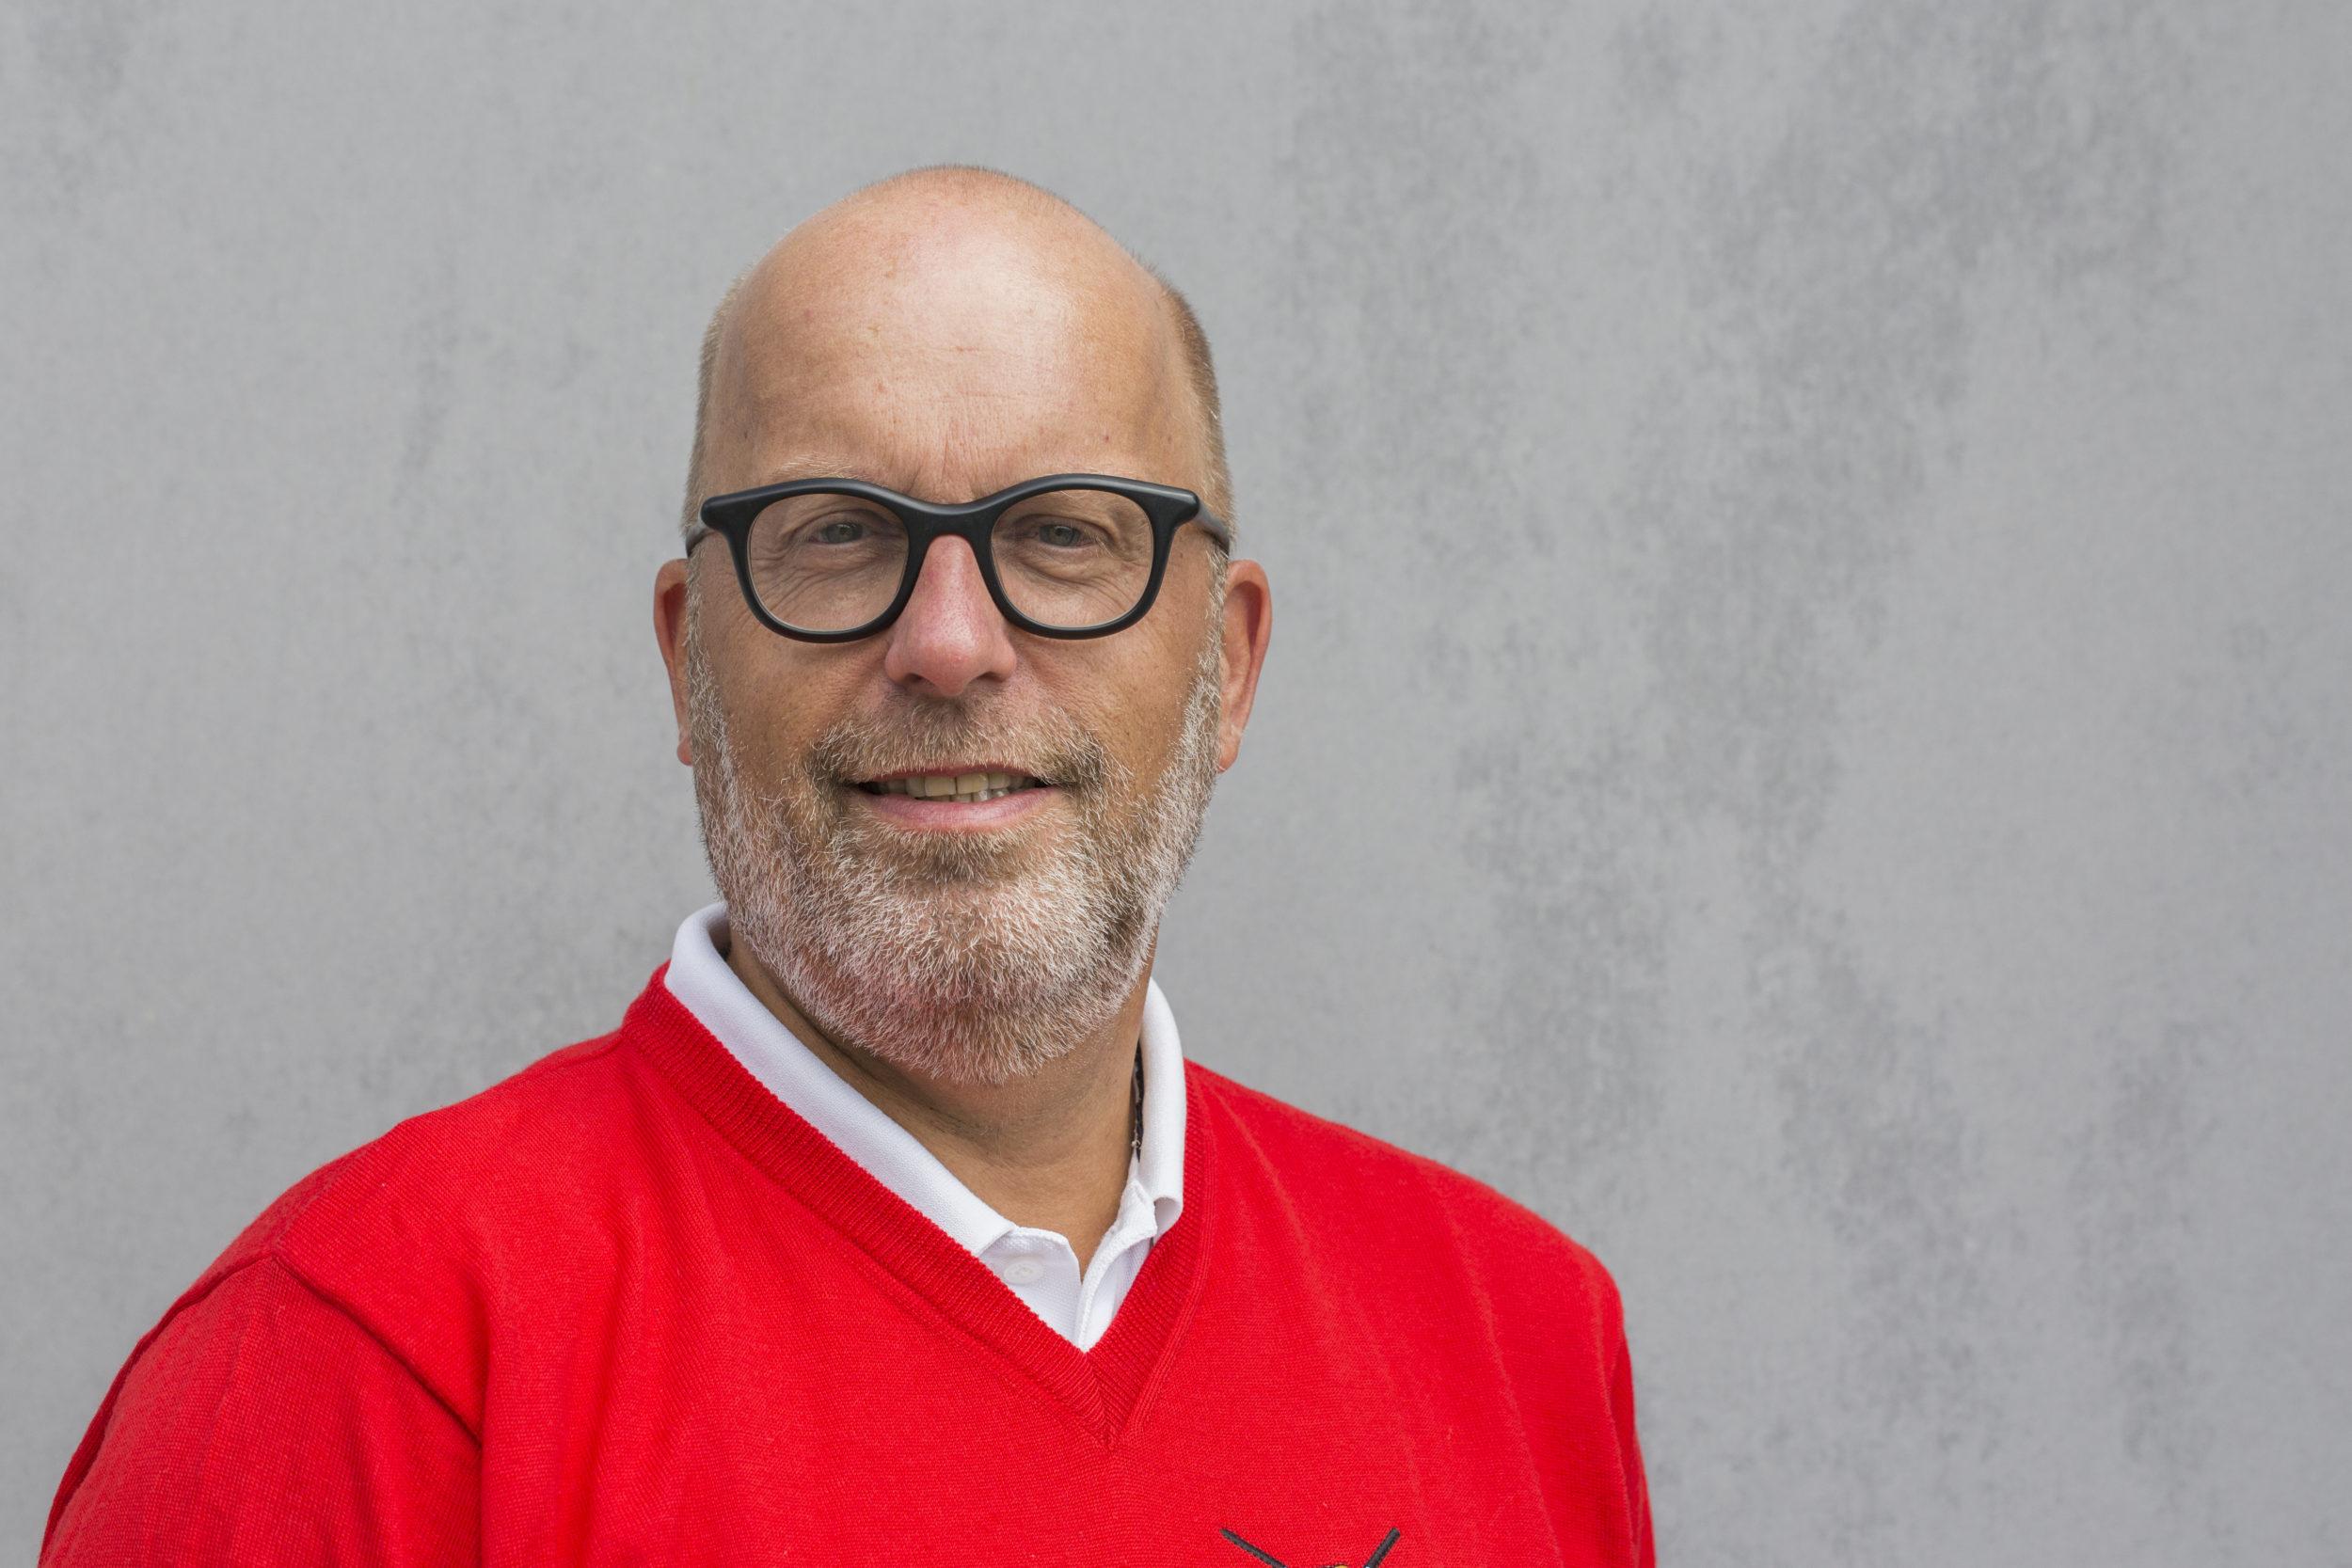 Frank Mooijaart